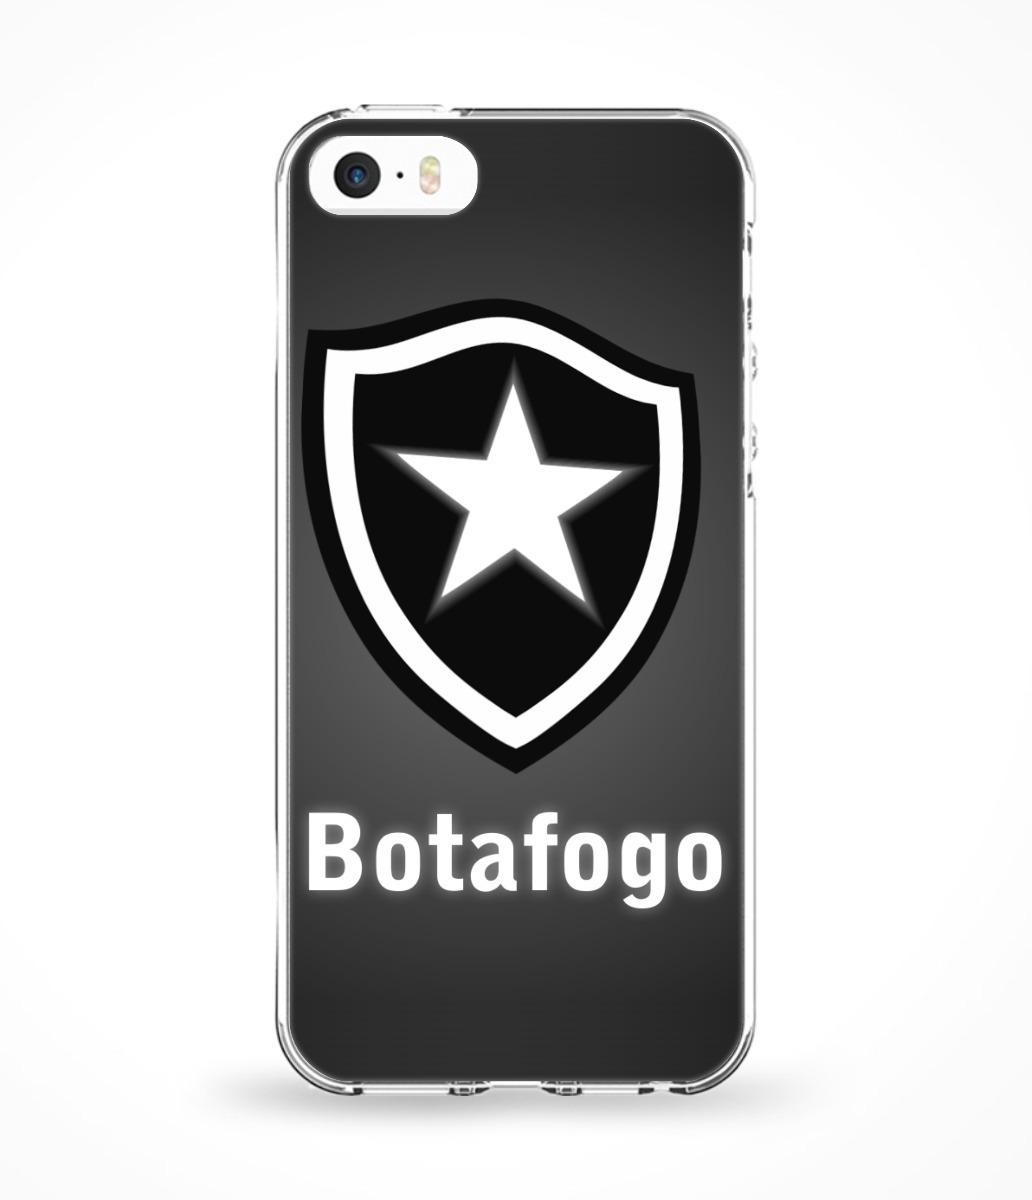 Capa Capinha Time Botafogo Qualquer Celular  fut51 - R  29 7eb4af484292d